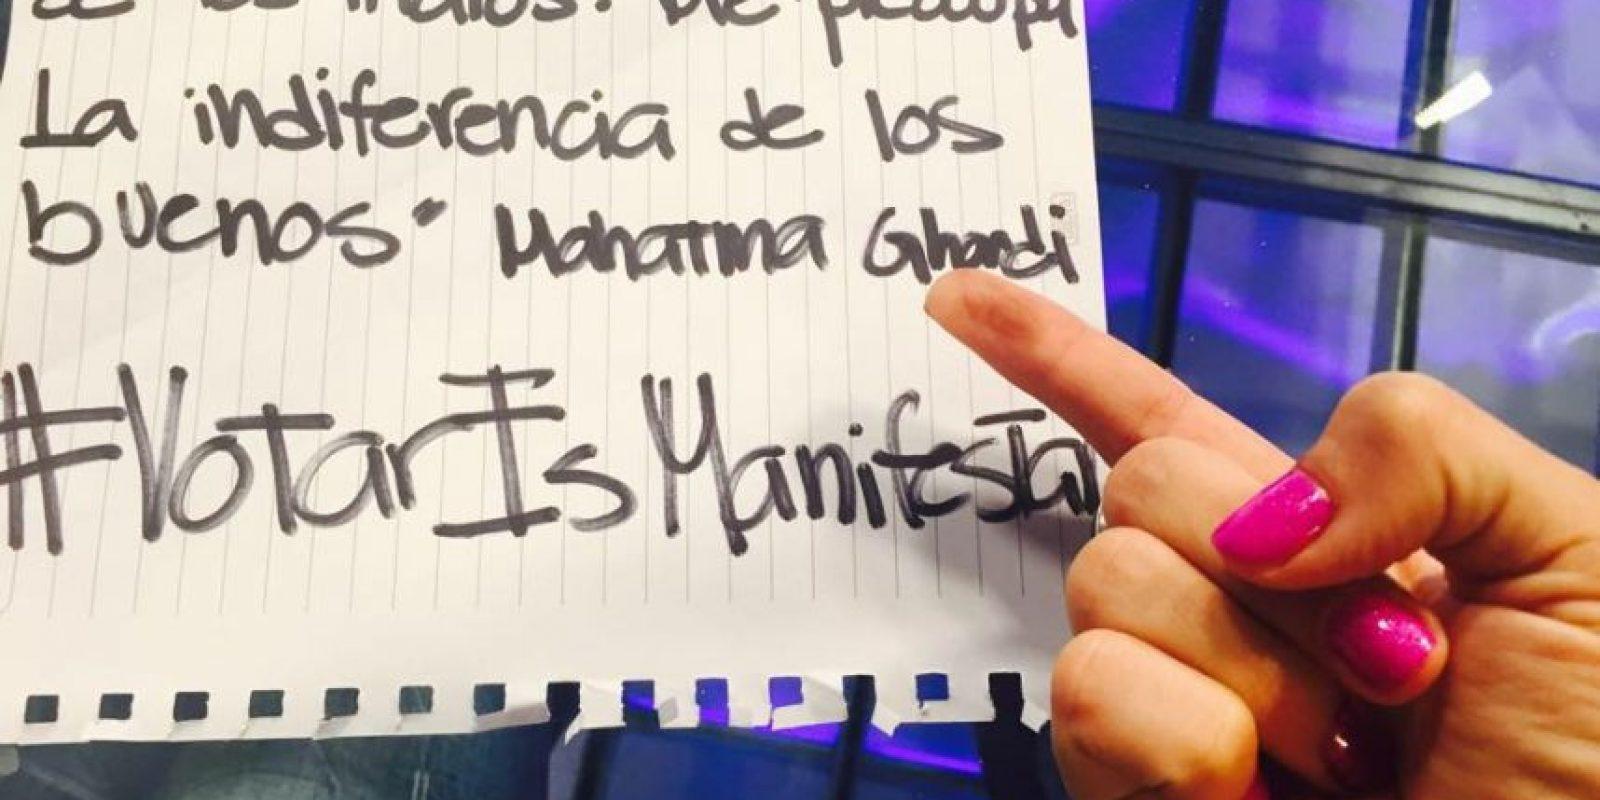 Se dio a conocer por un discurso que dio en el Parlamento Iberoamericano de la Juventud, en Zaragoza, España, en 2014 Foto:Facebook.com/GloriaAlvarez